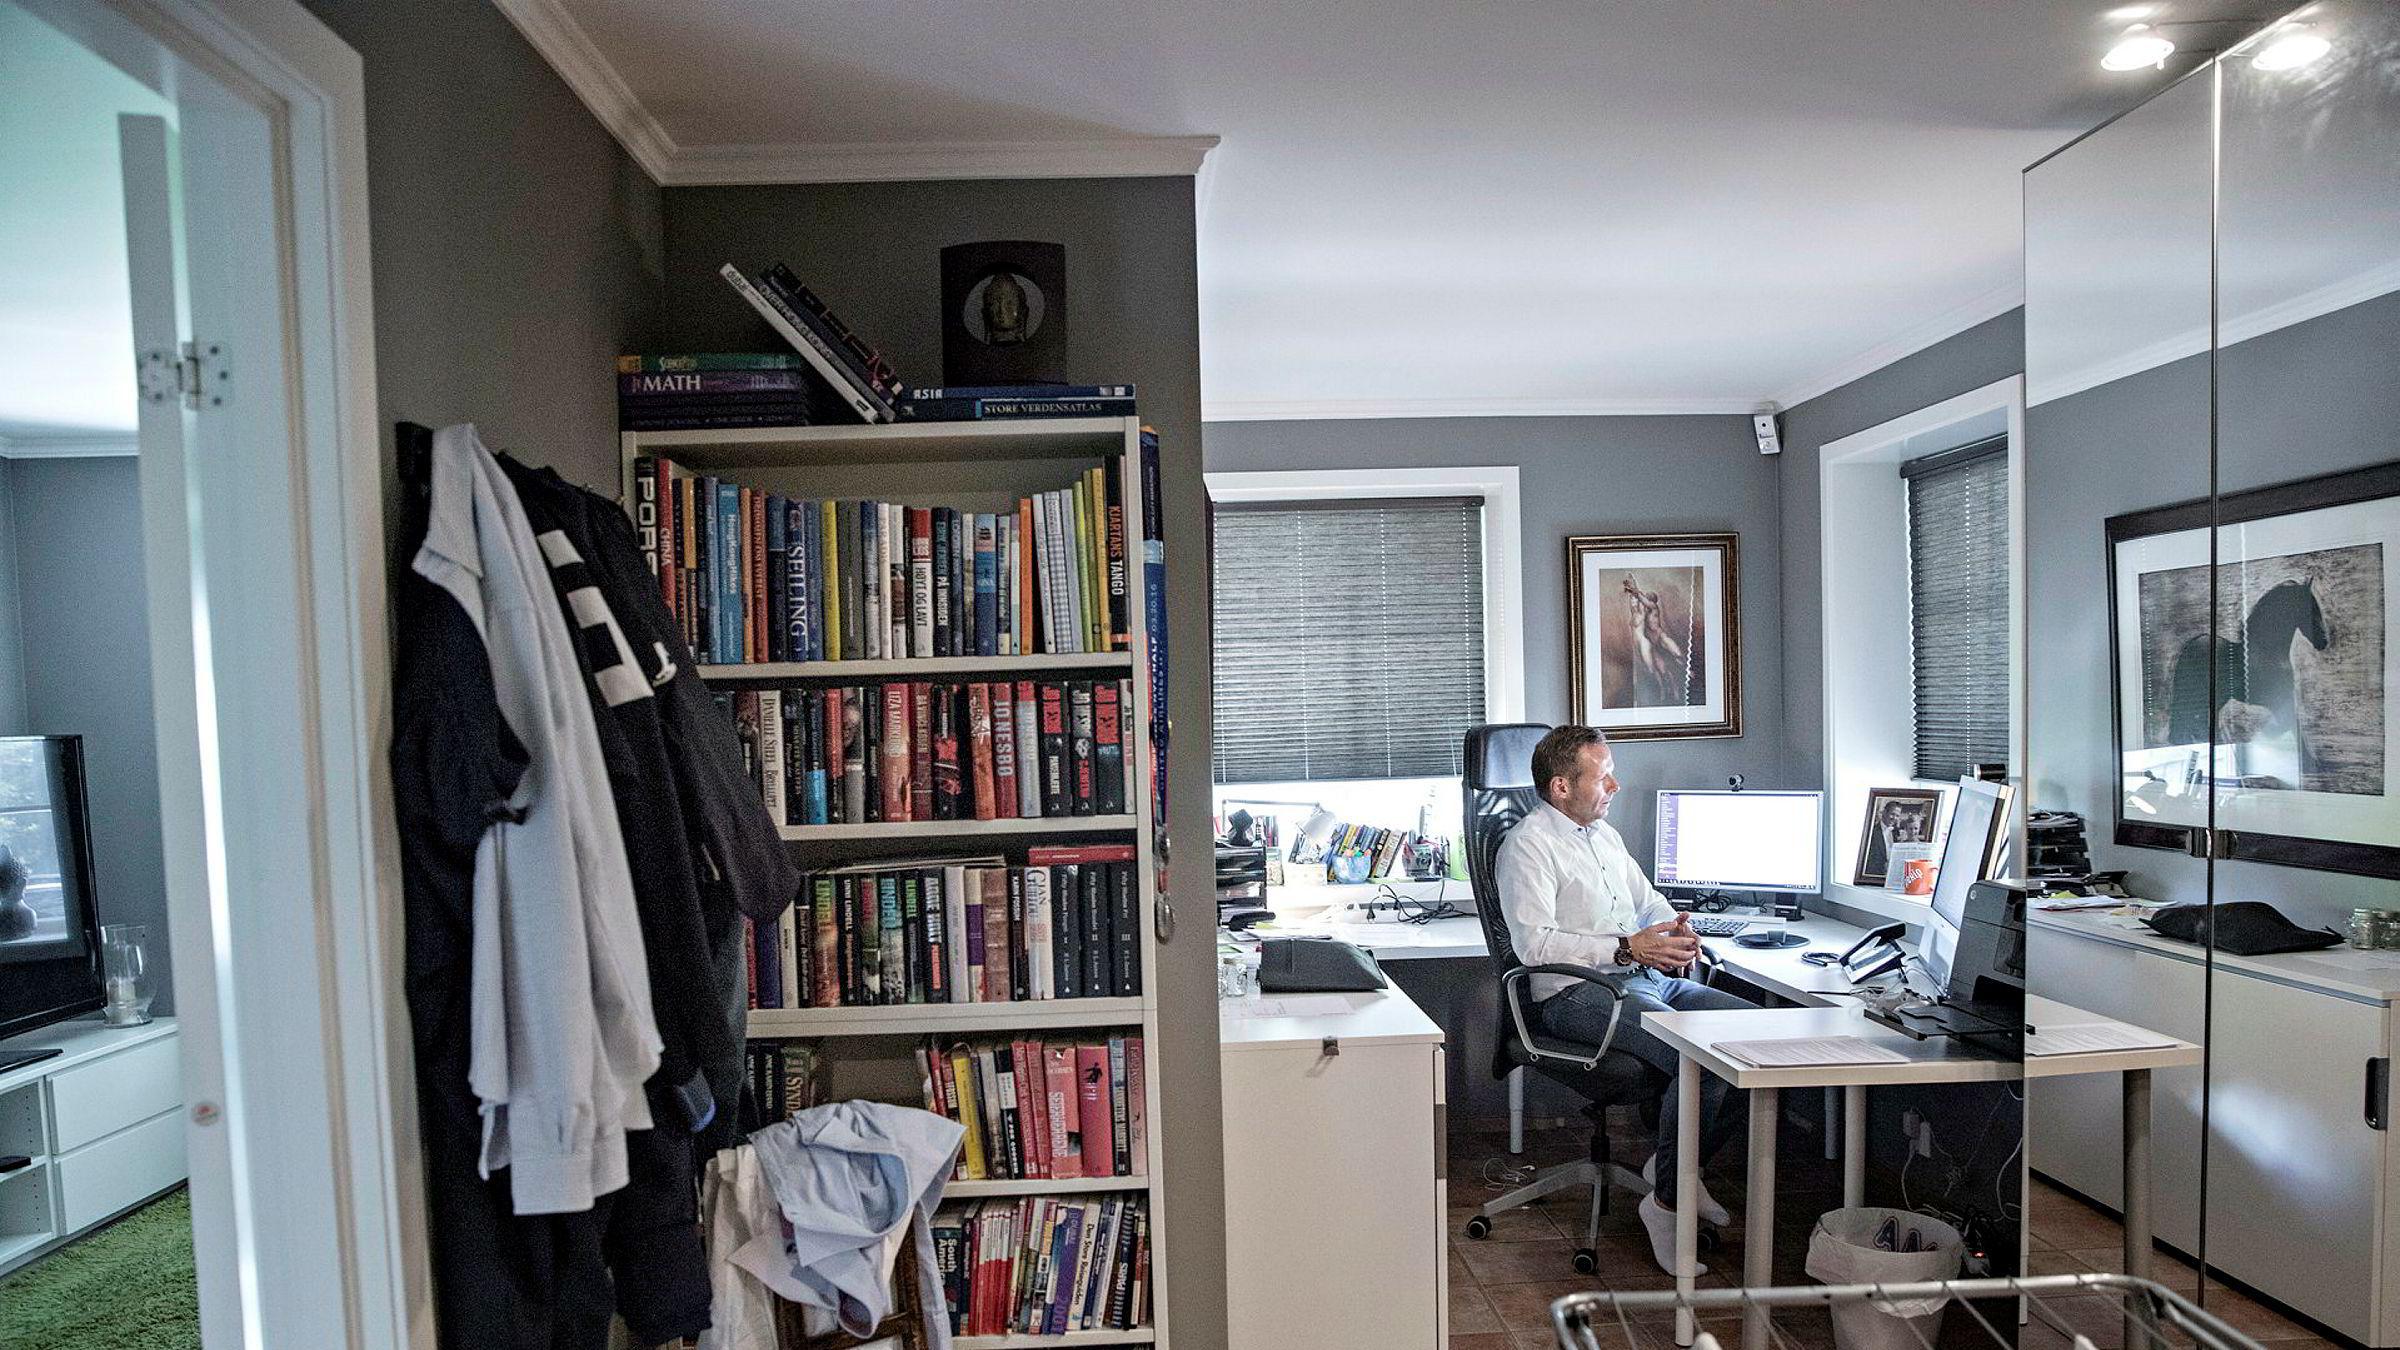 Daglig leder Åsmund Olav Fodstad har hjemmekontor i Nittedal, men bruker sin egen videoløsning Pexip til å slå av en prat med sin franske utviklingsansvarlig Nico Cormier på kontoret i Oslo. Eller forretningspartnere i Singapore og USA.